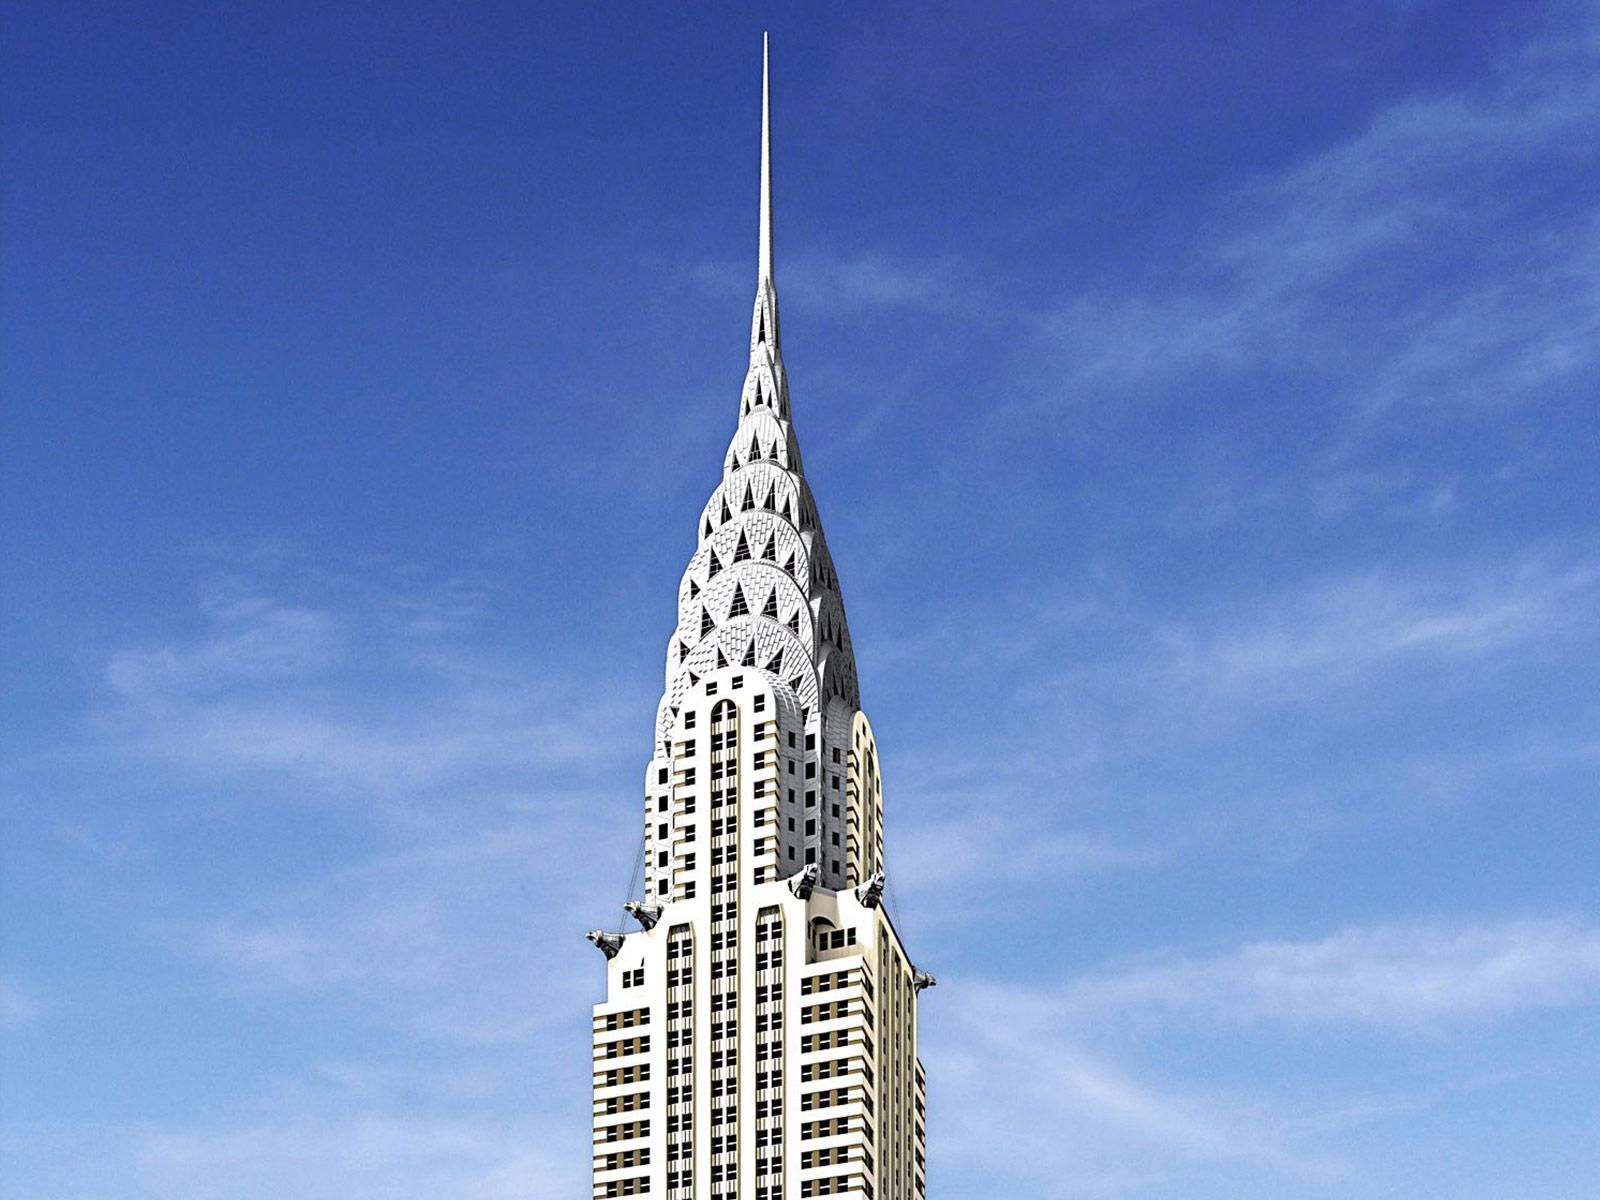 El ladrillo en el tiempo - Edificio Chrysler, NYC